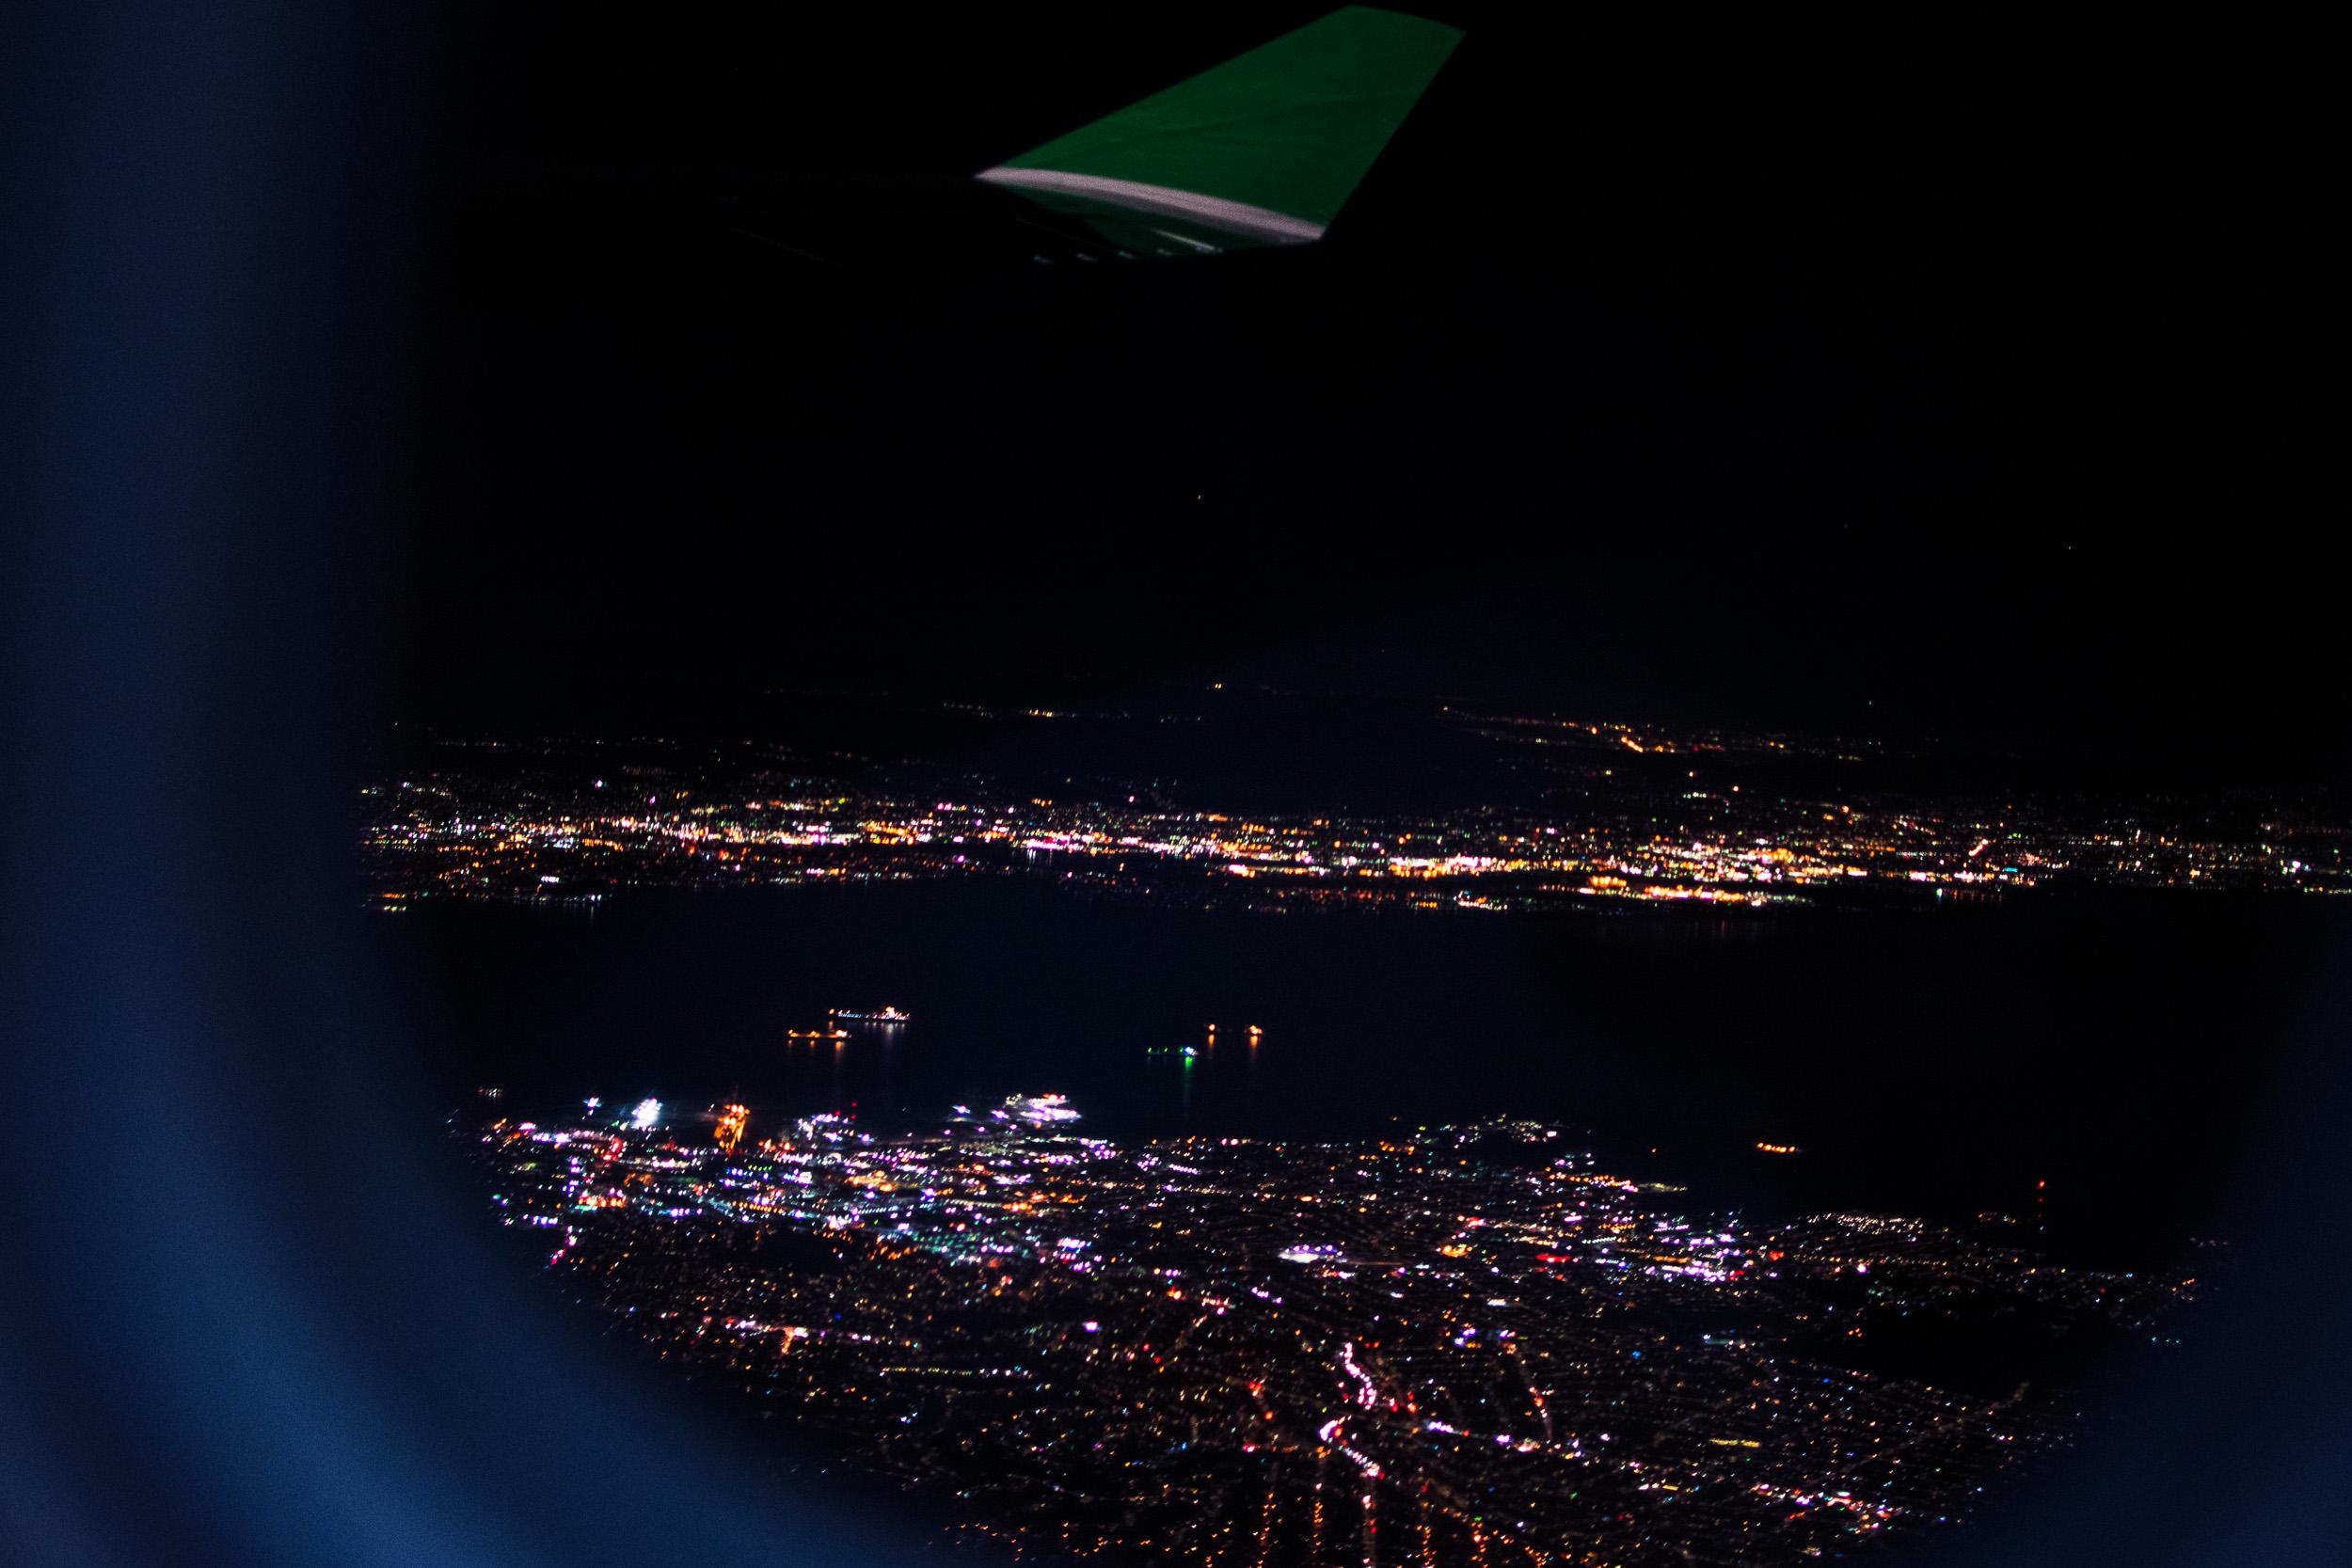 airplane window night time city stock.jpg